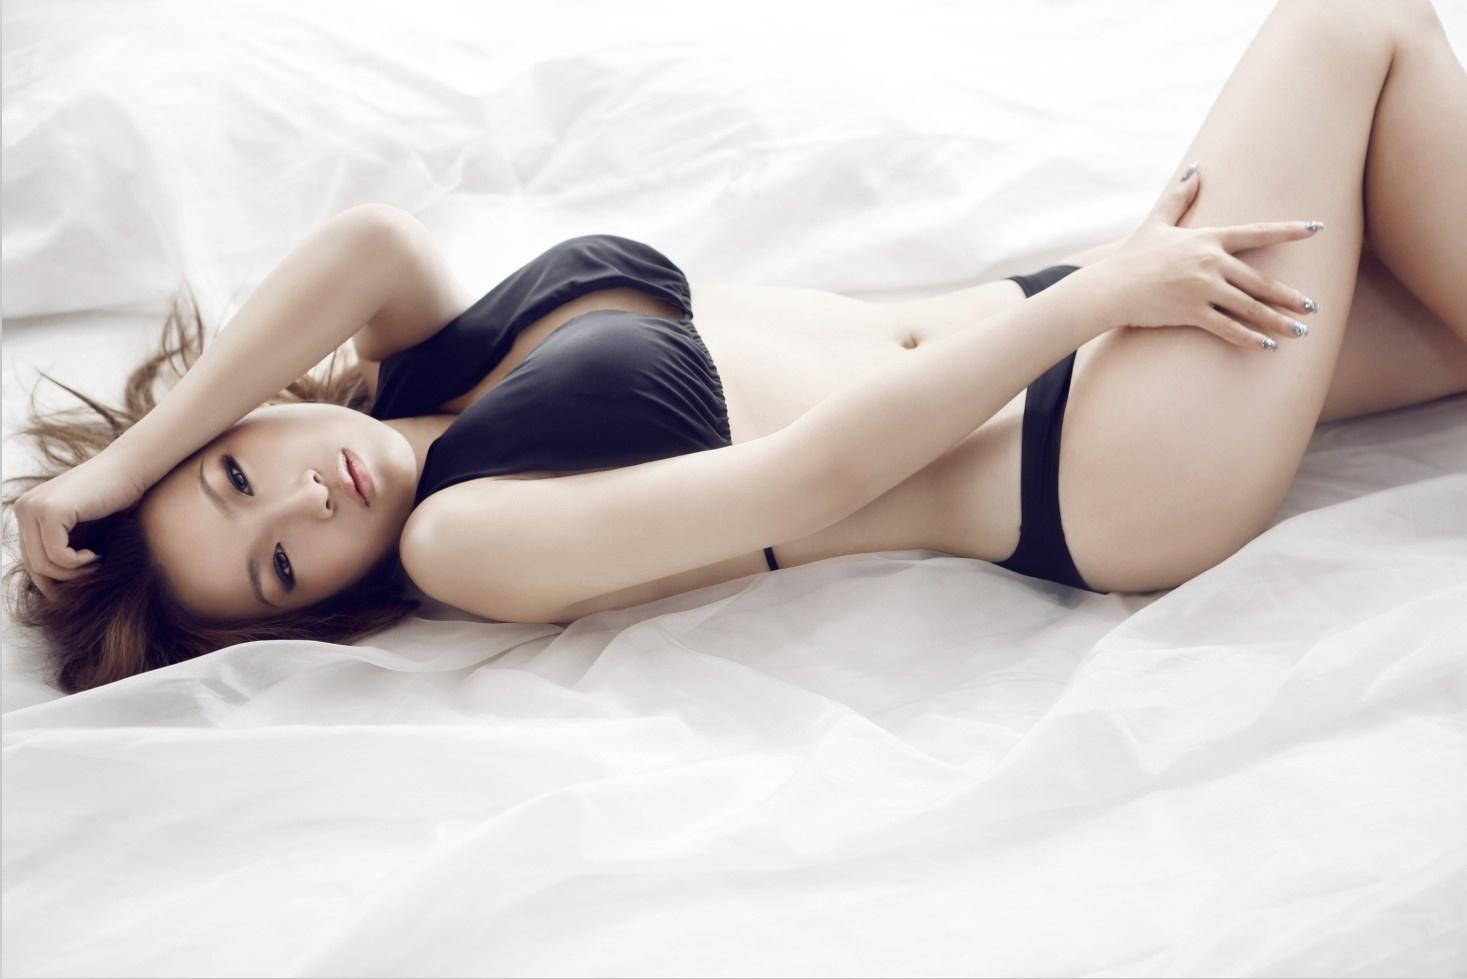 日本美女全裸无��.��/d�a�y�'_style=\